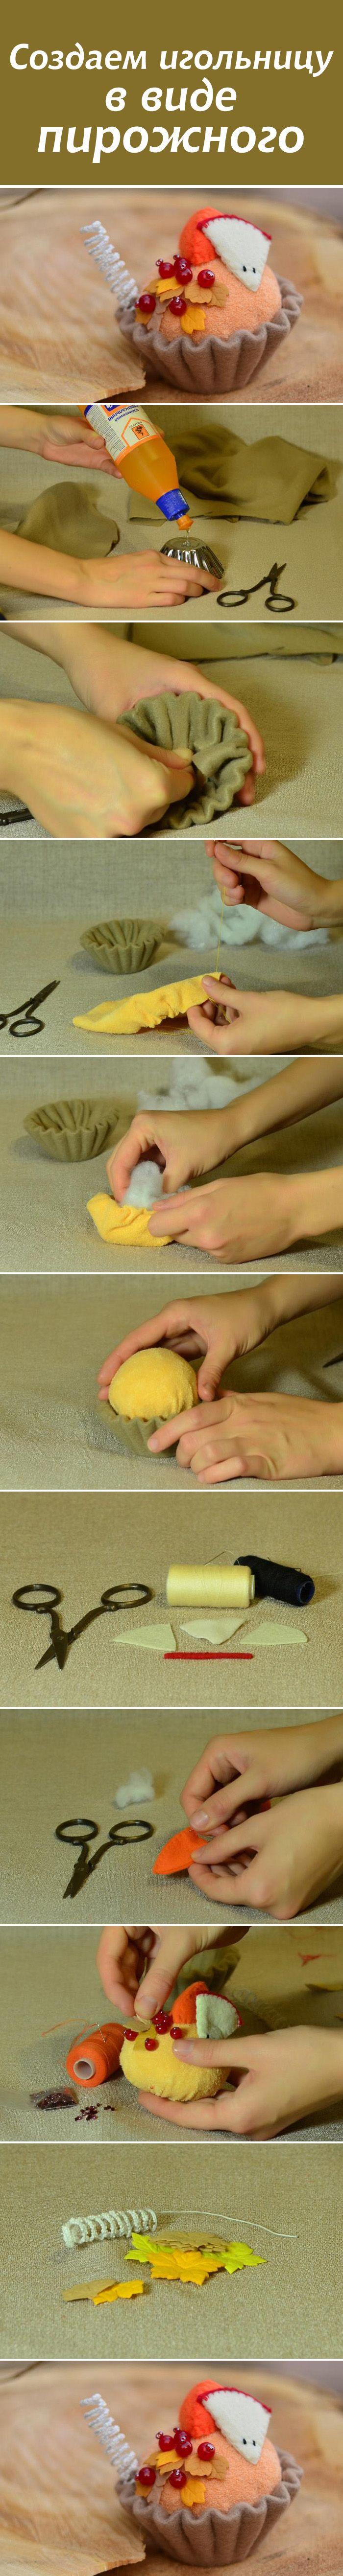 Создаем симпатичную игольницу «Осенние мотивы» в виде пирожного